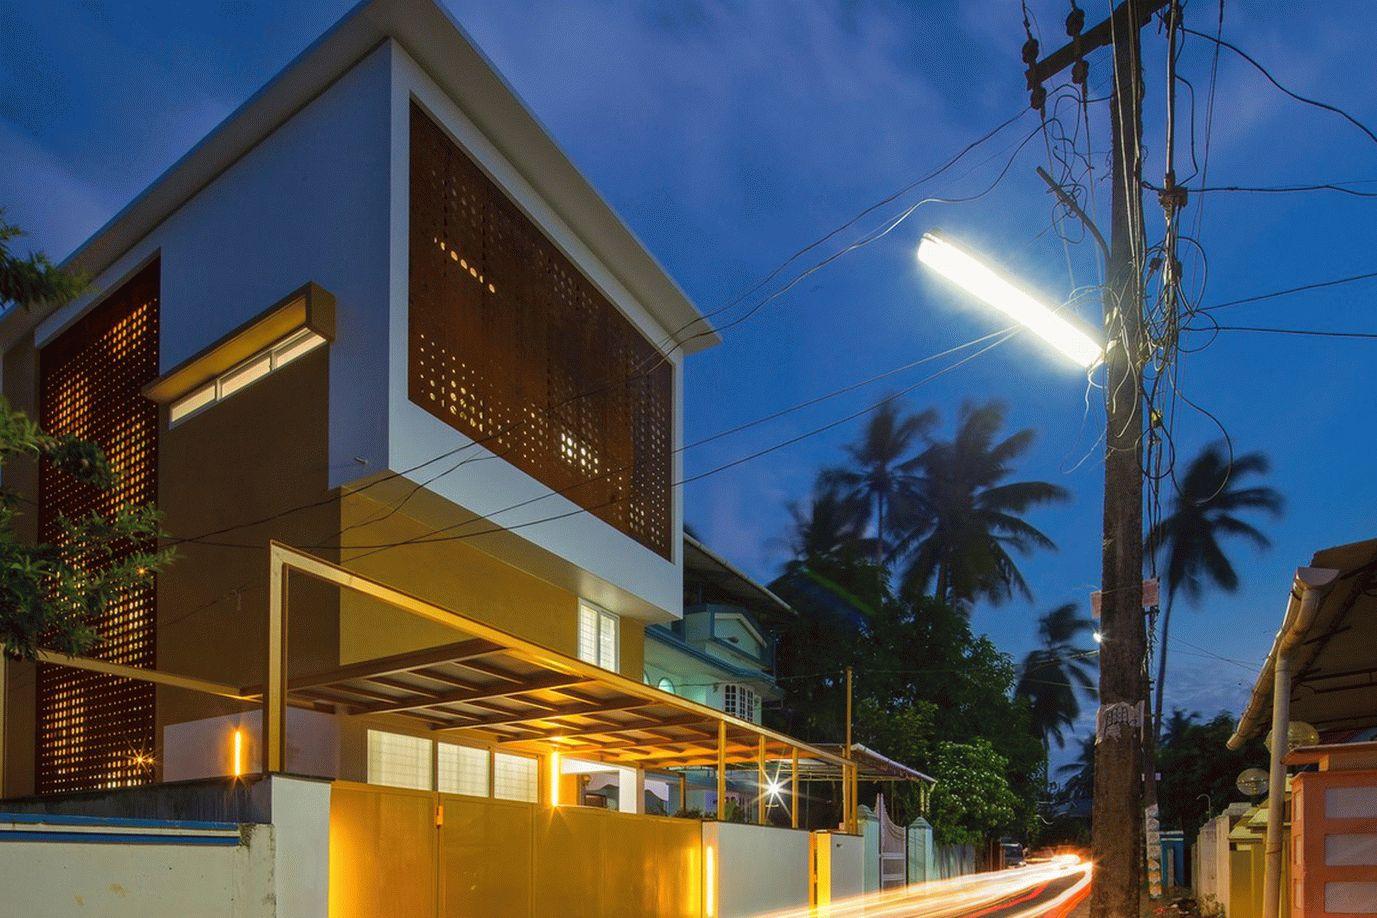 великолепный дом с крытым атриумом26